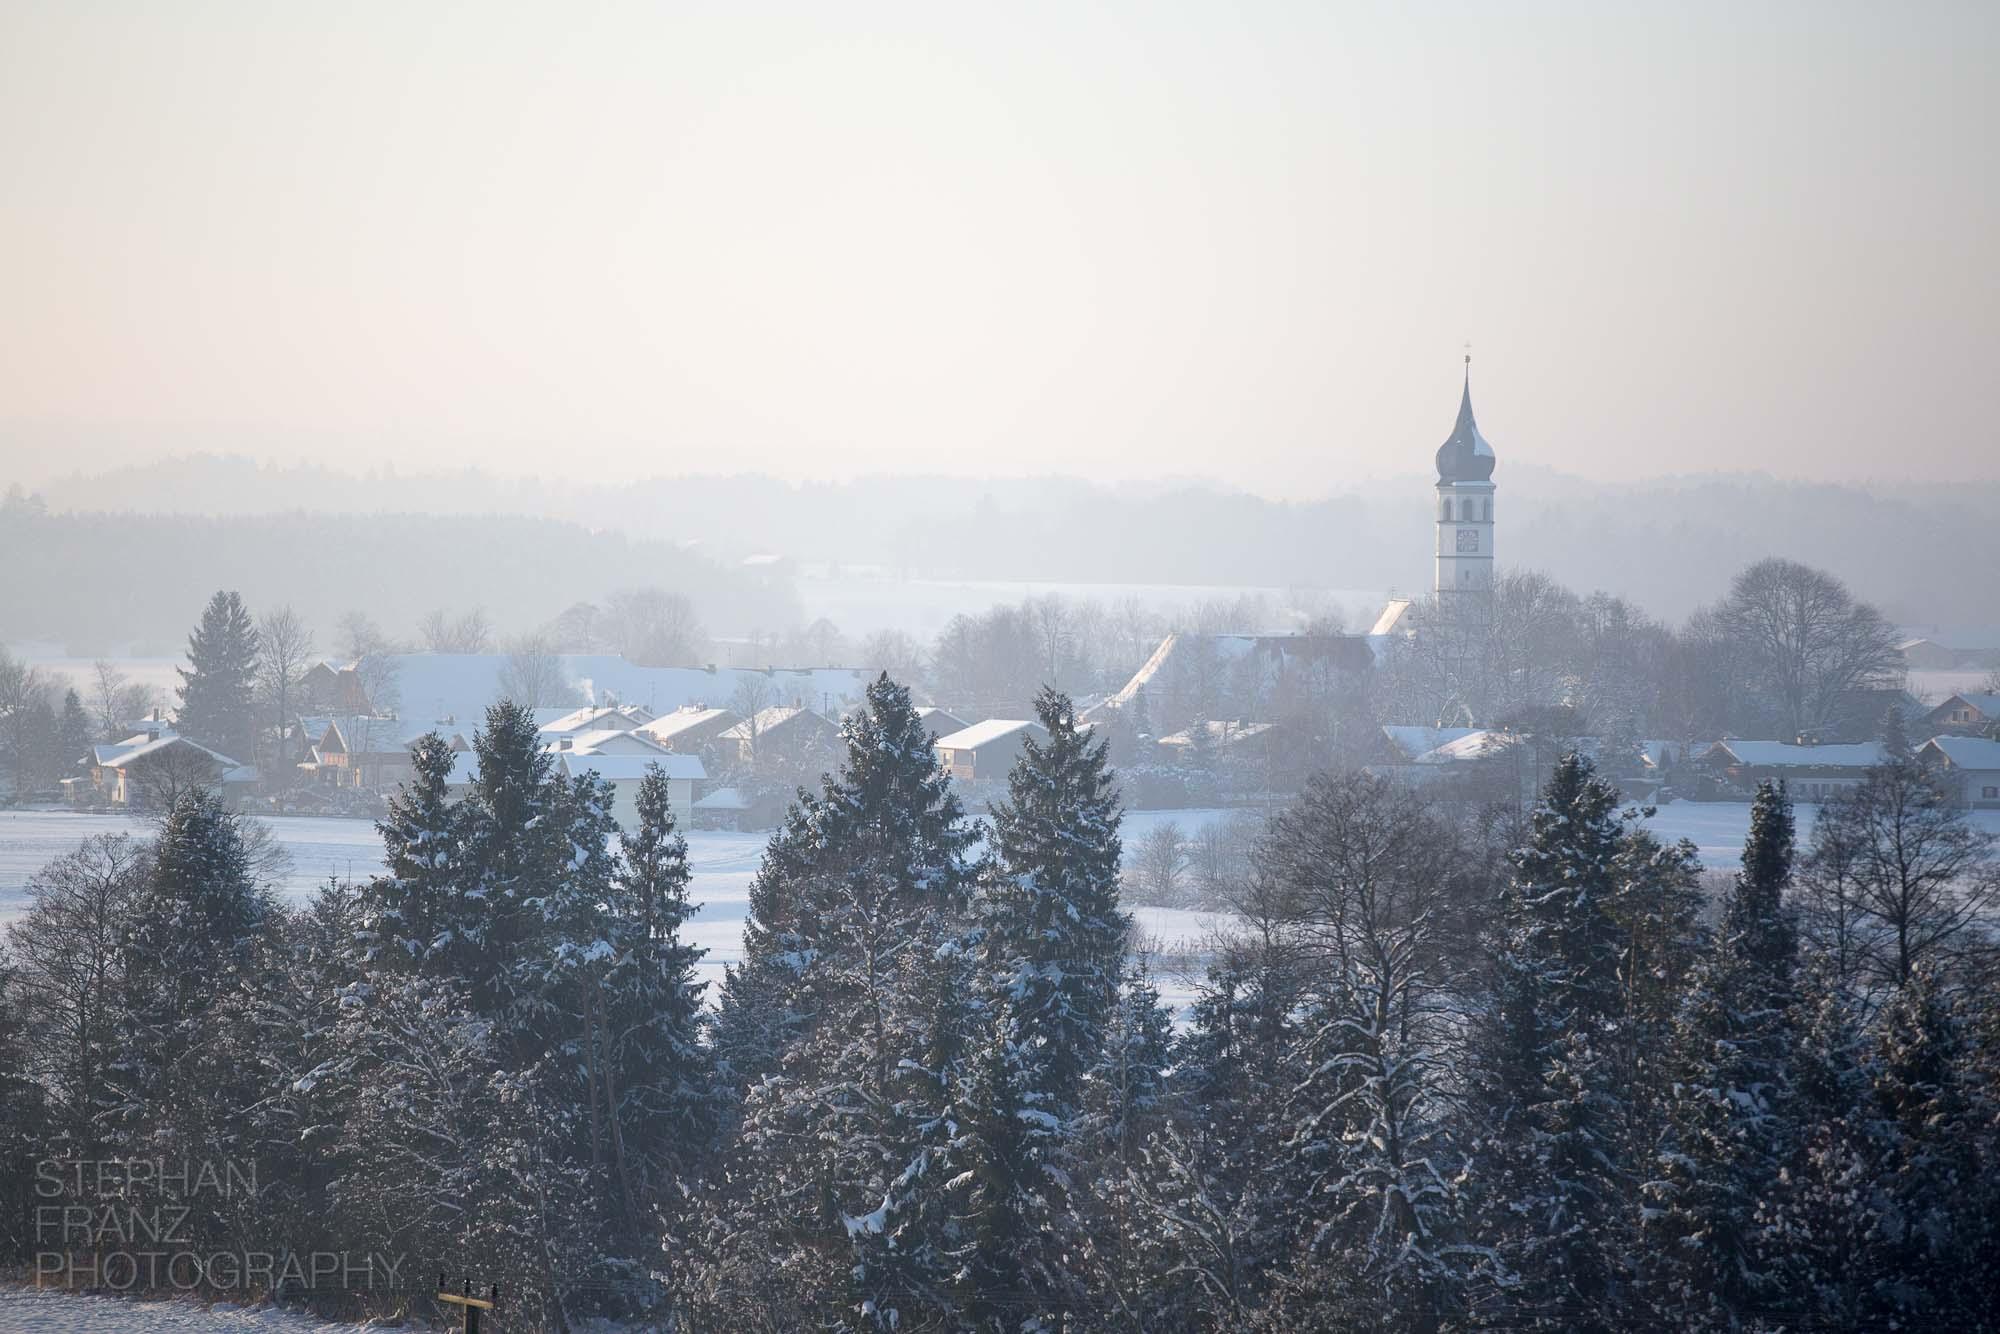 Winterspaziergang mit Angela in Beyharting bei Tuntenhausen im Alpenvorland in Bayern - Fotograf Stephan Franz Photography aus Rosenheim-3